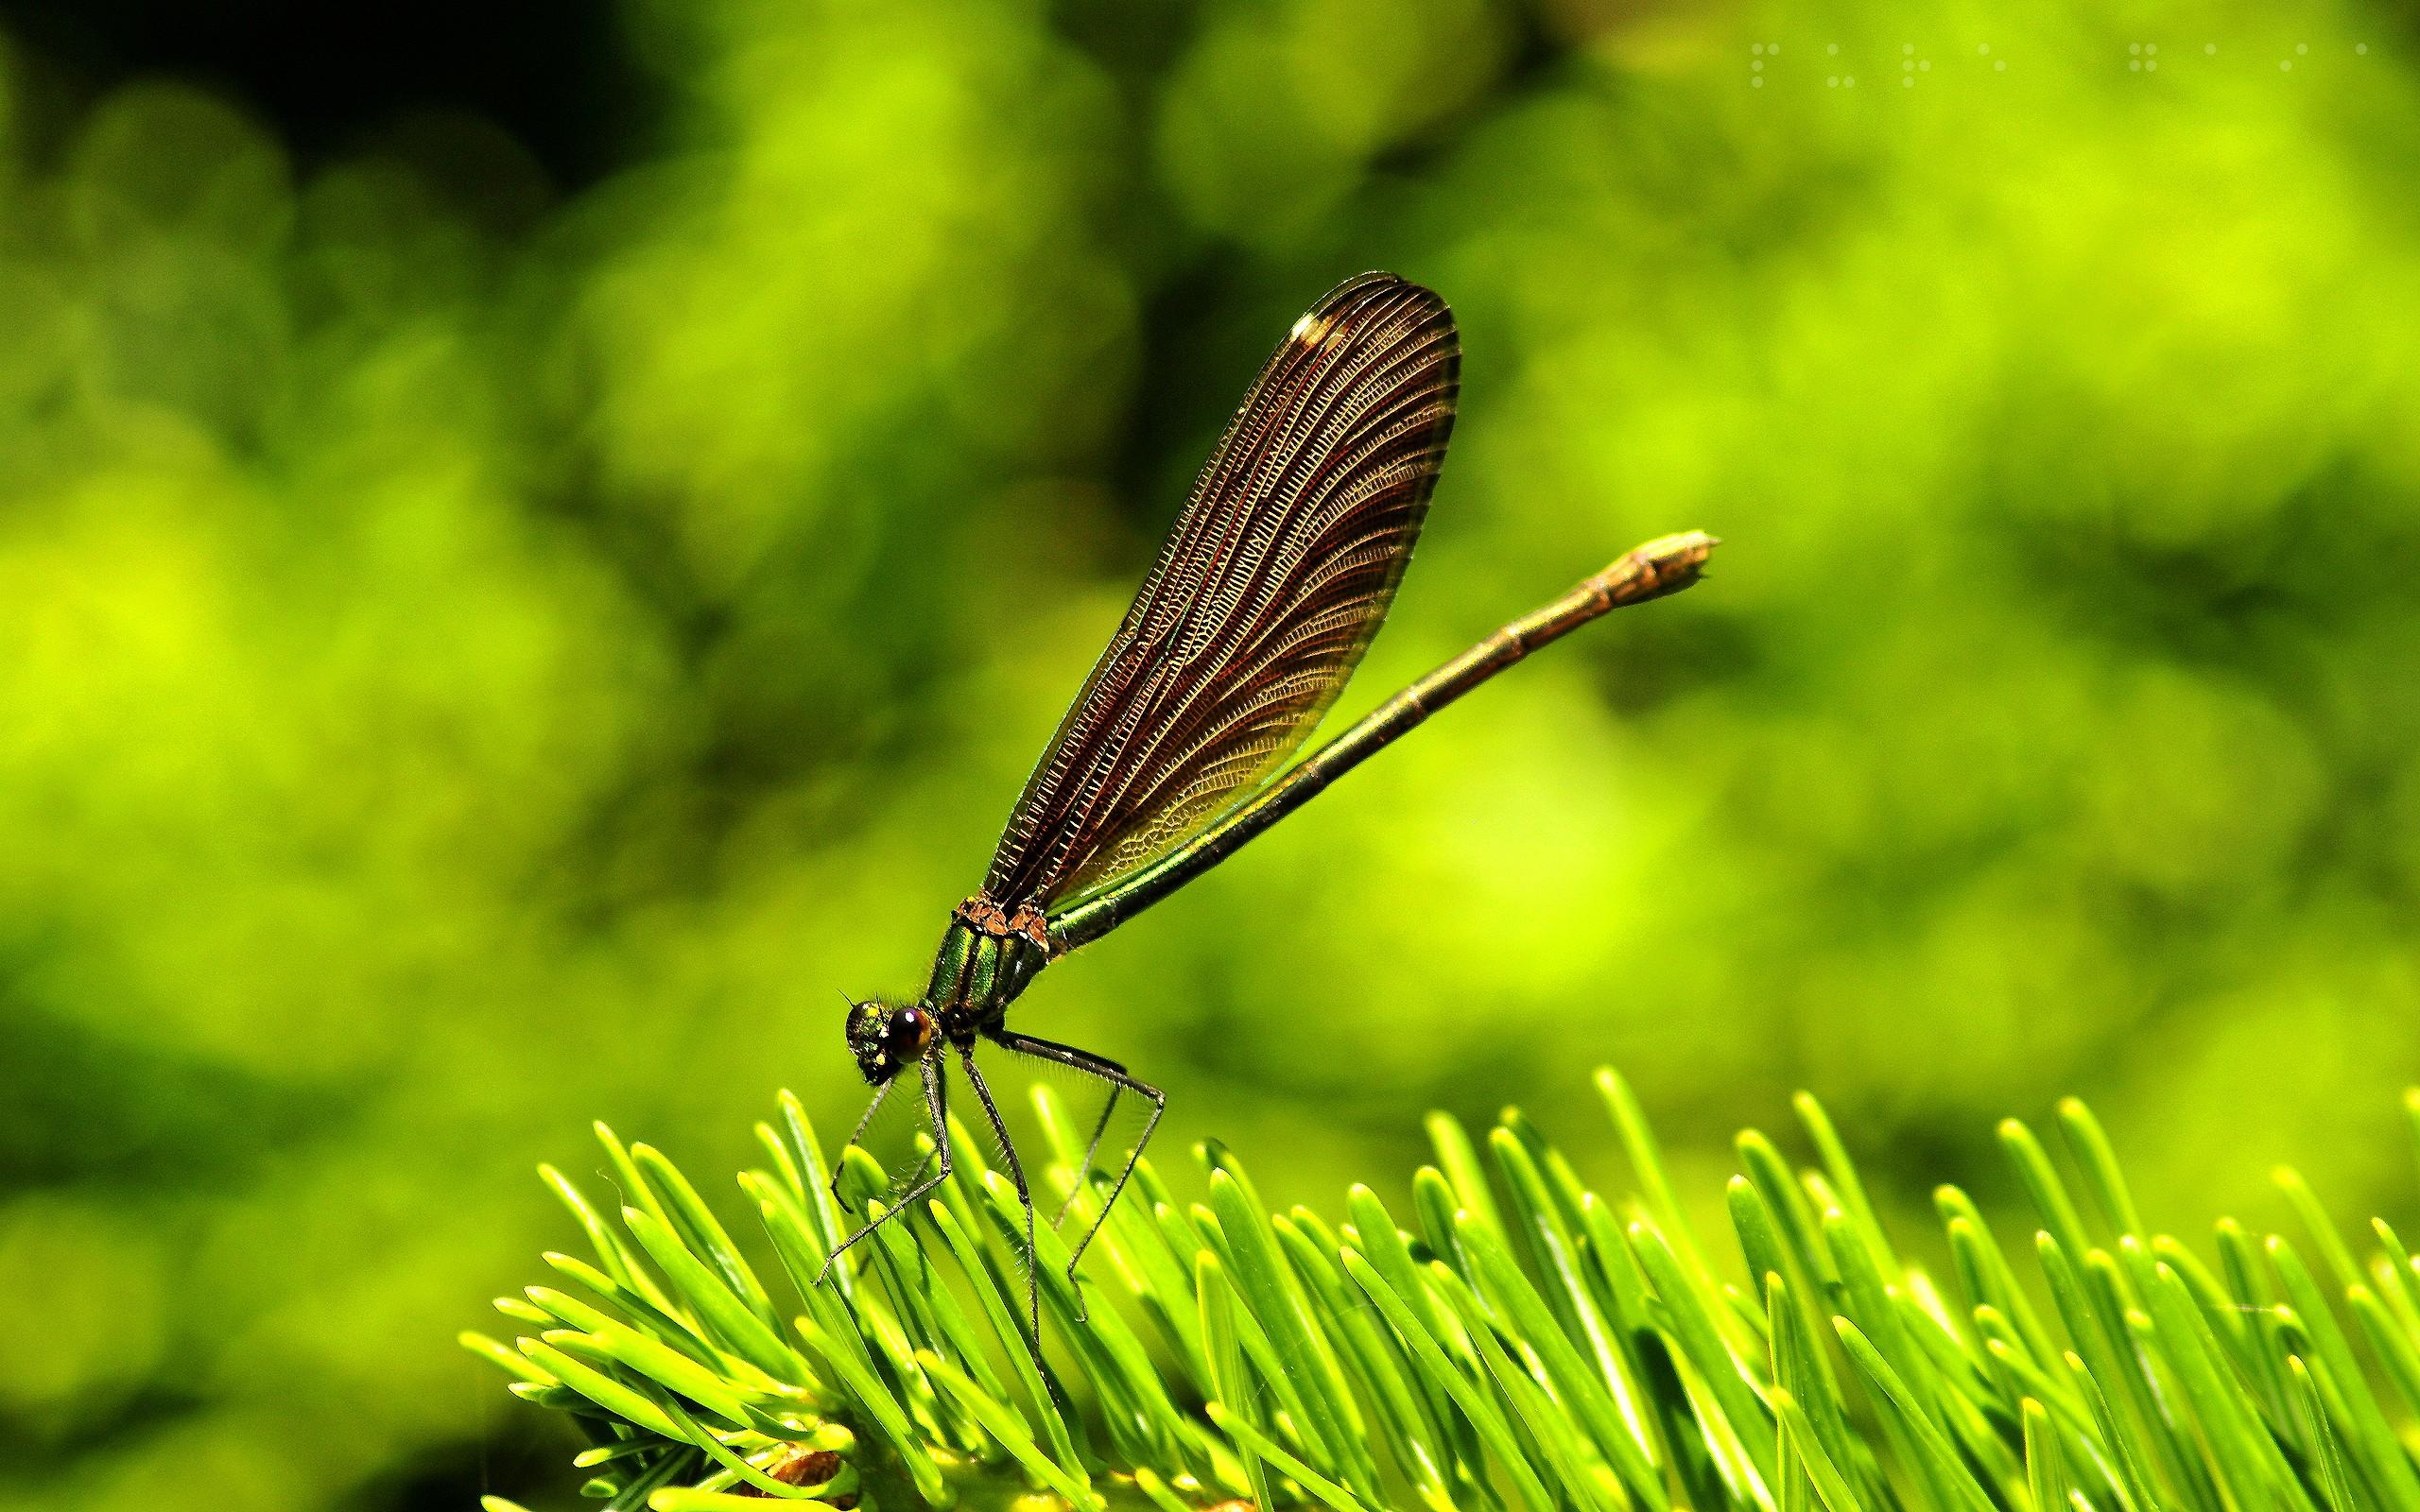 Insectos en la naturaleza - 2560x1600